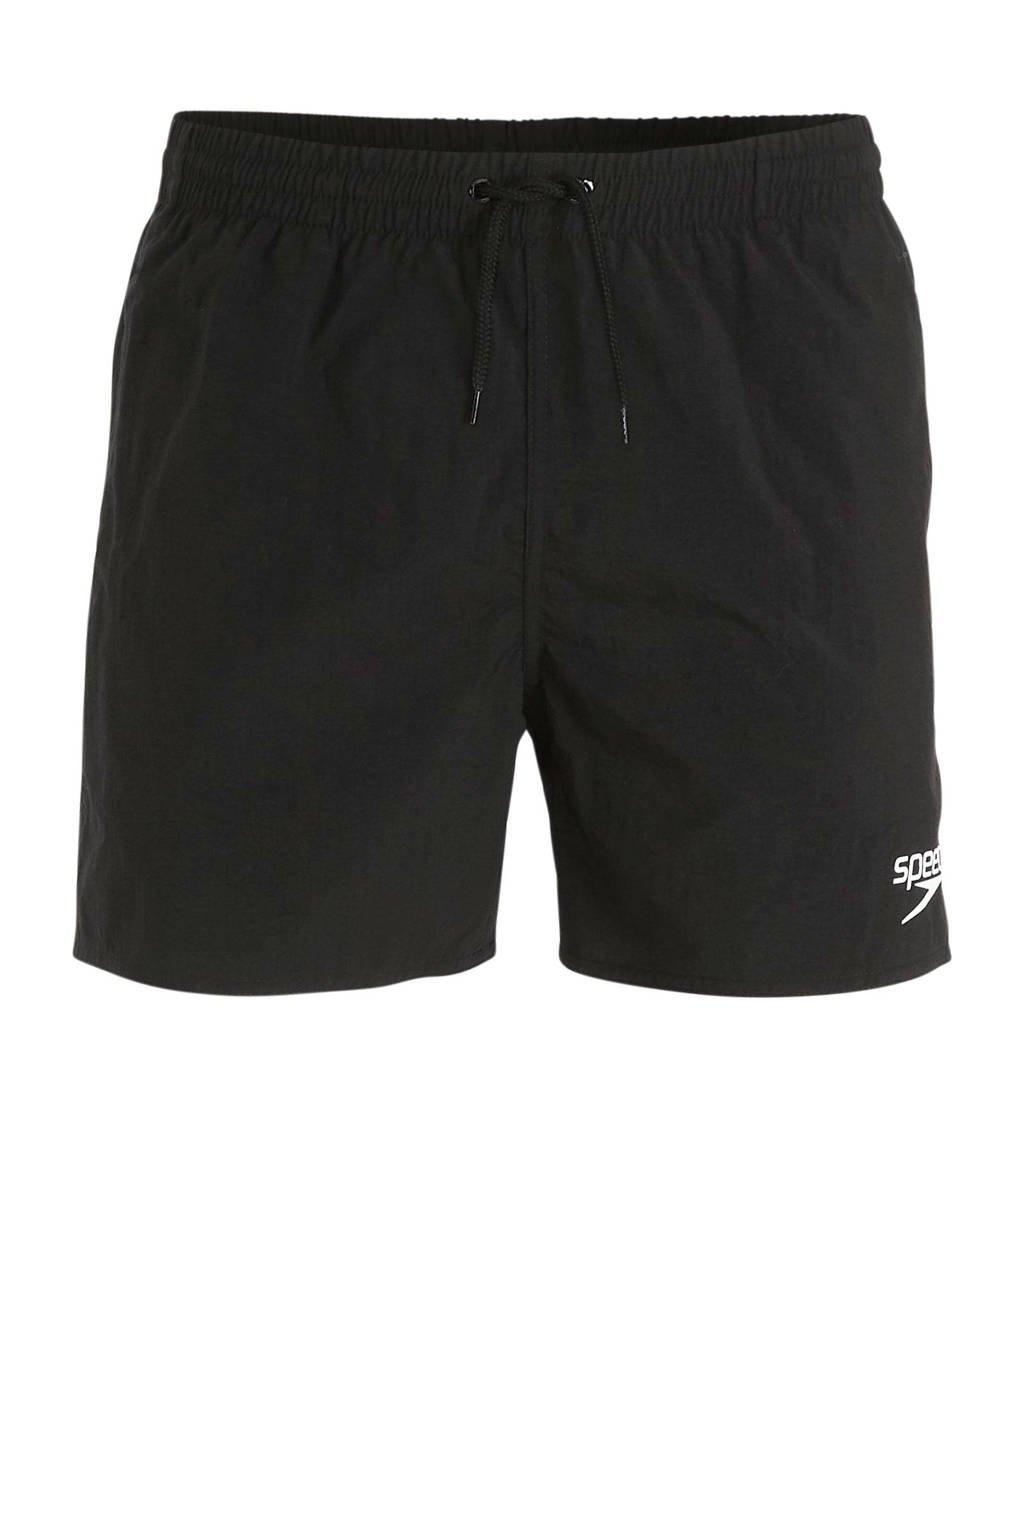 Speedo zwemshort Essentials zwart, Zwart